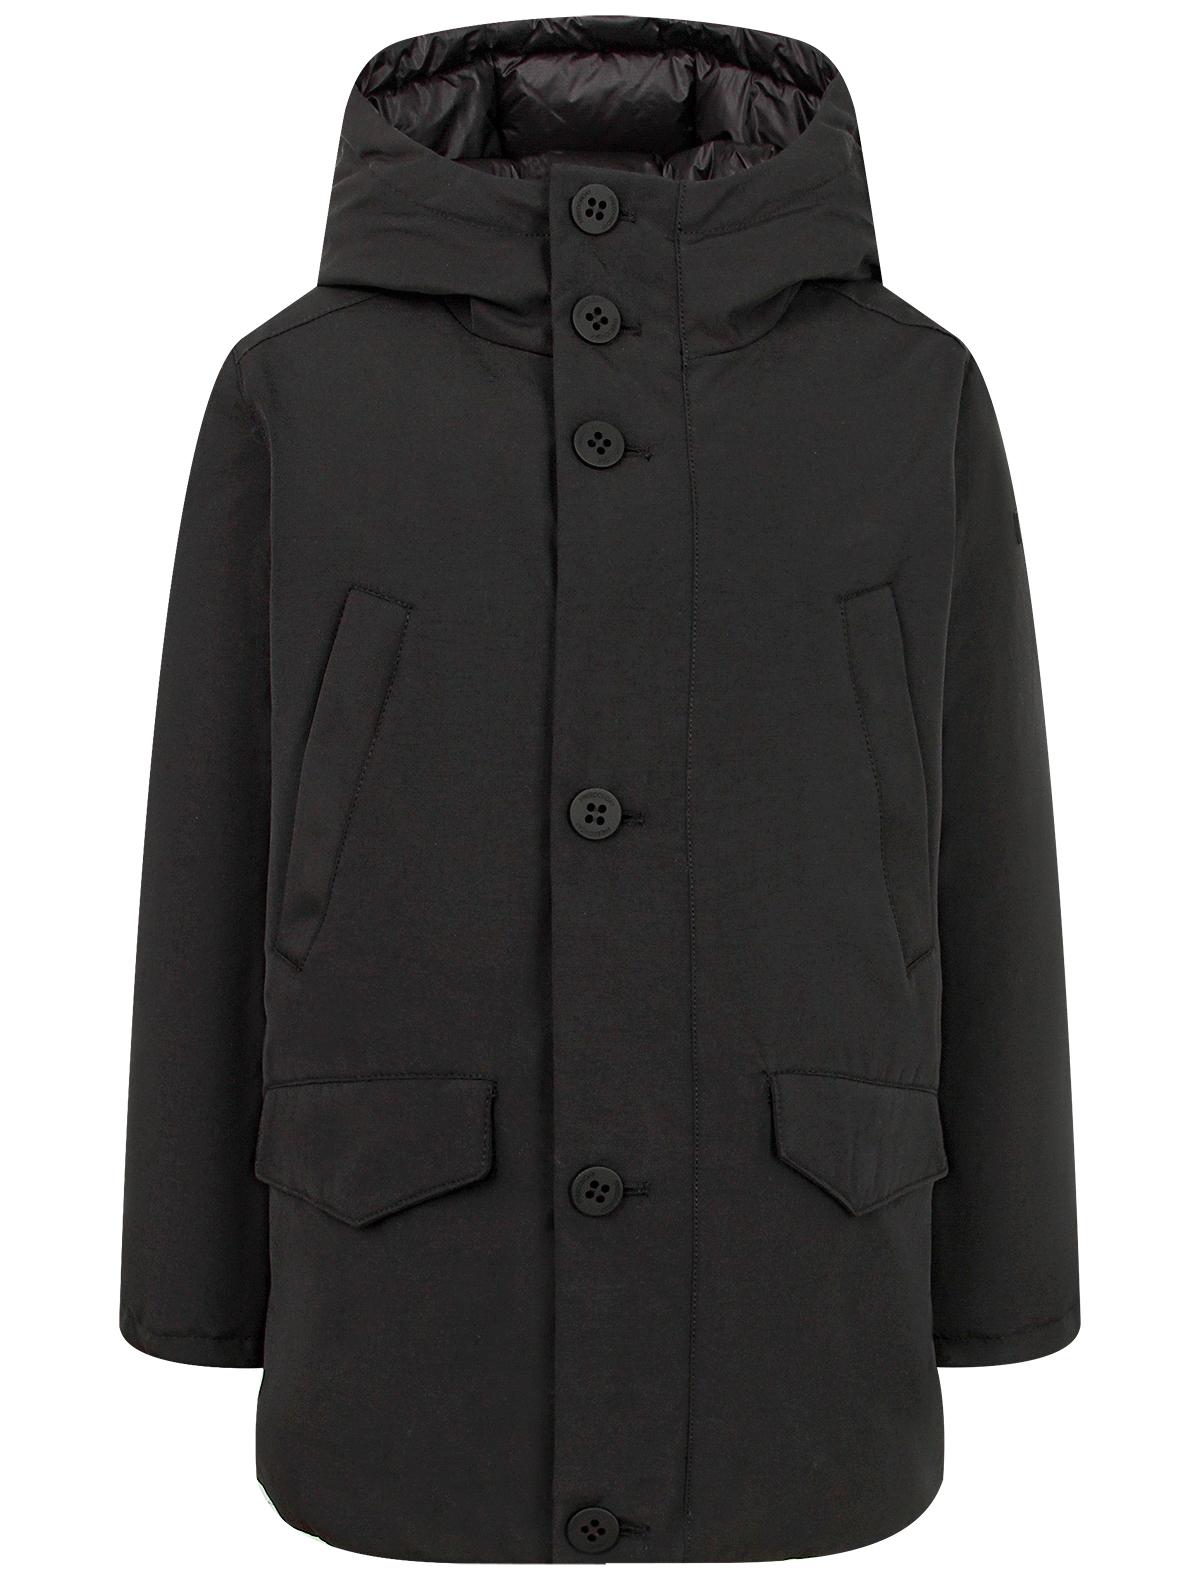 Купить 2342722, Куртка FREEDOMDAY, черный, Мужской, 1074519181283